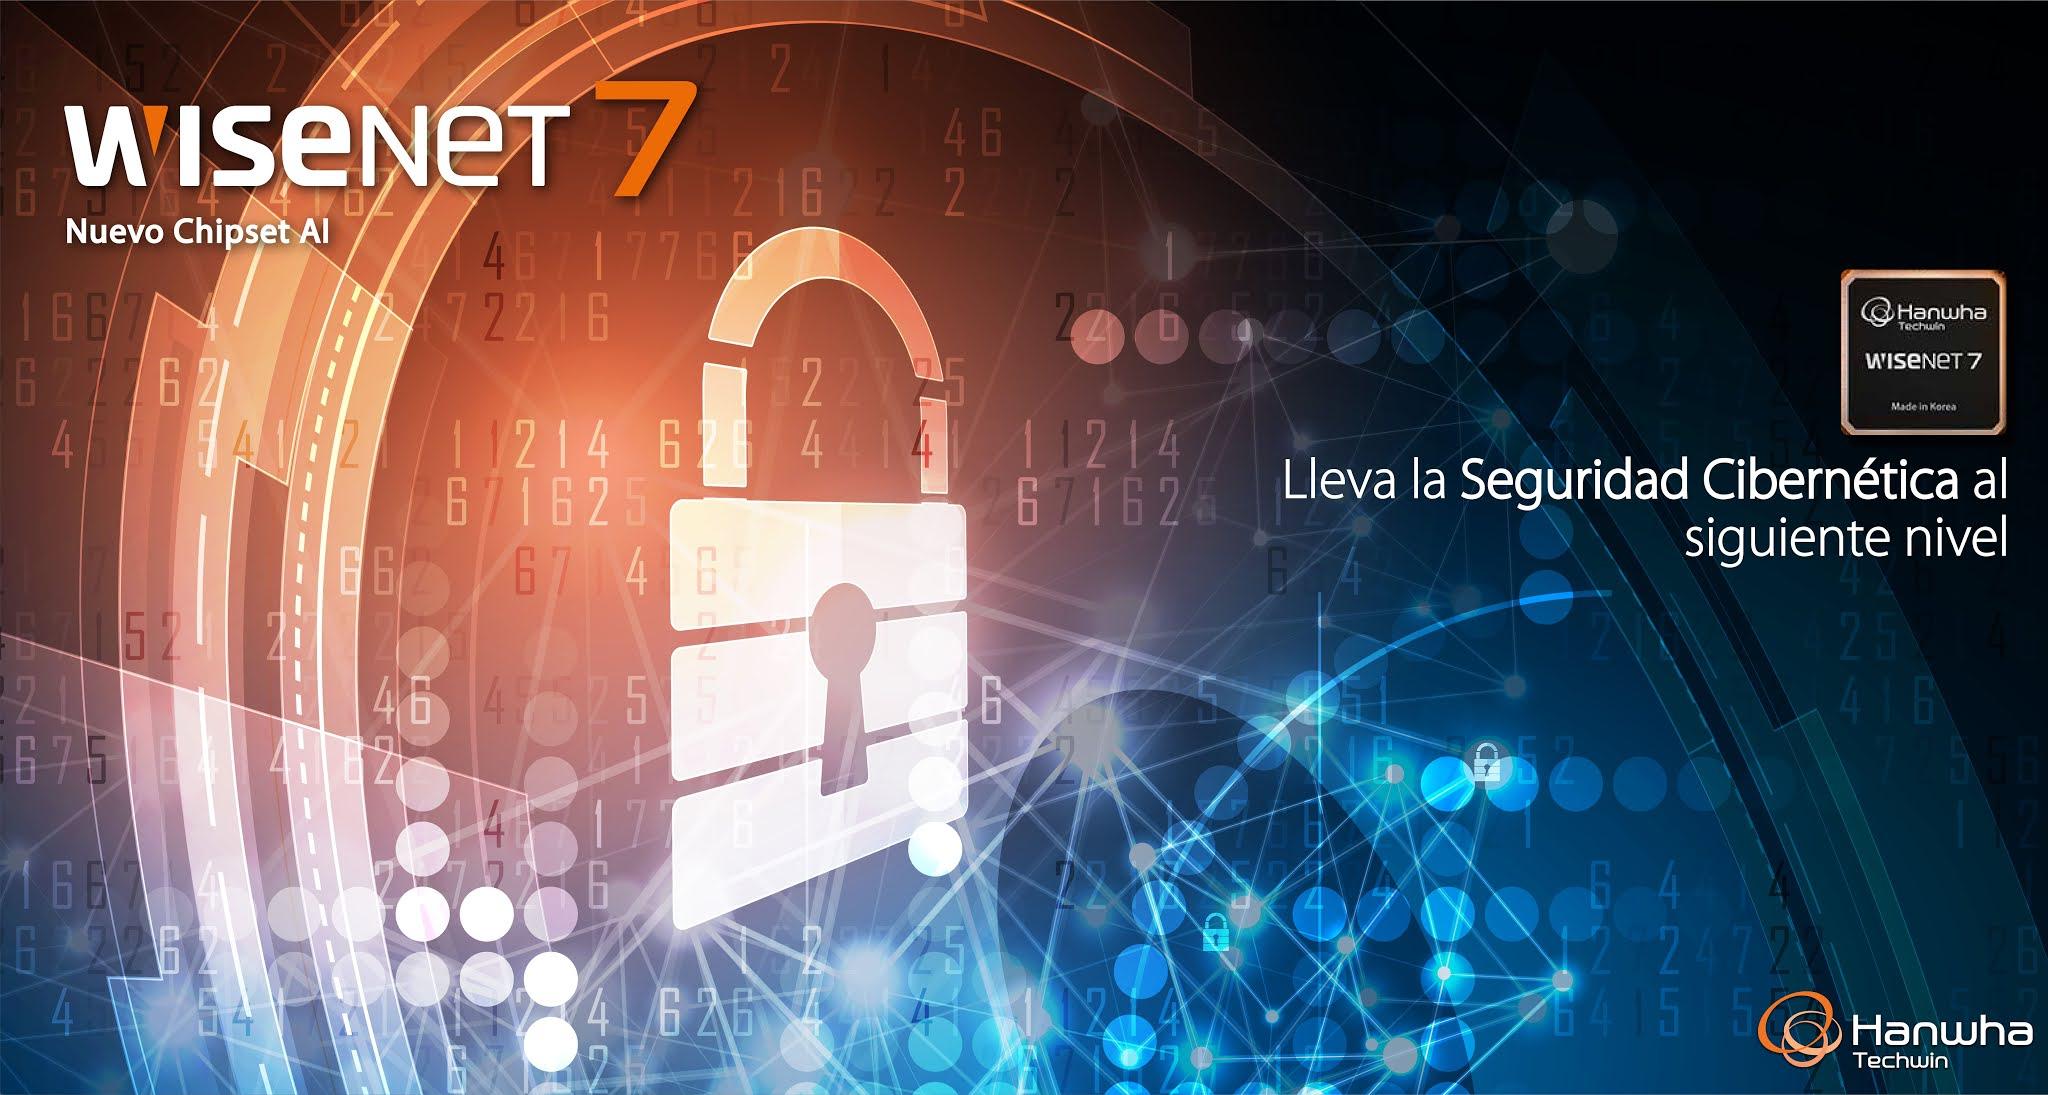 Hanwha Techwin fortalece sus políticas de ciberseguridad y la protección de datos